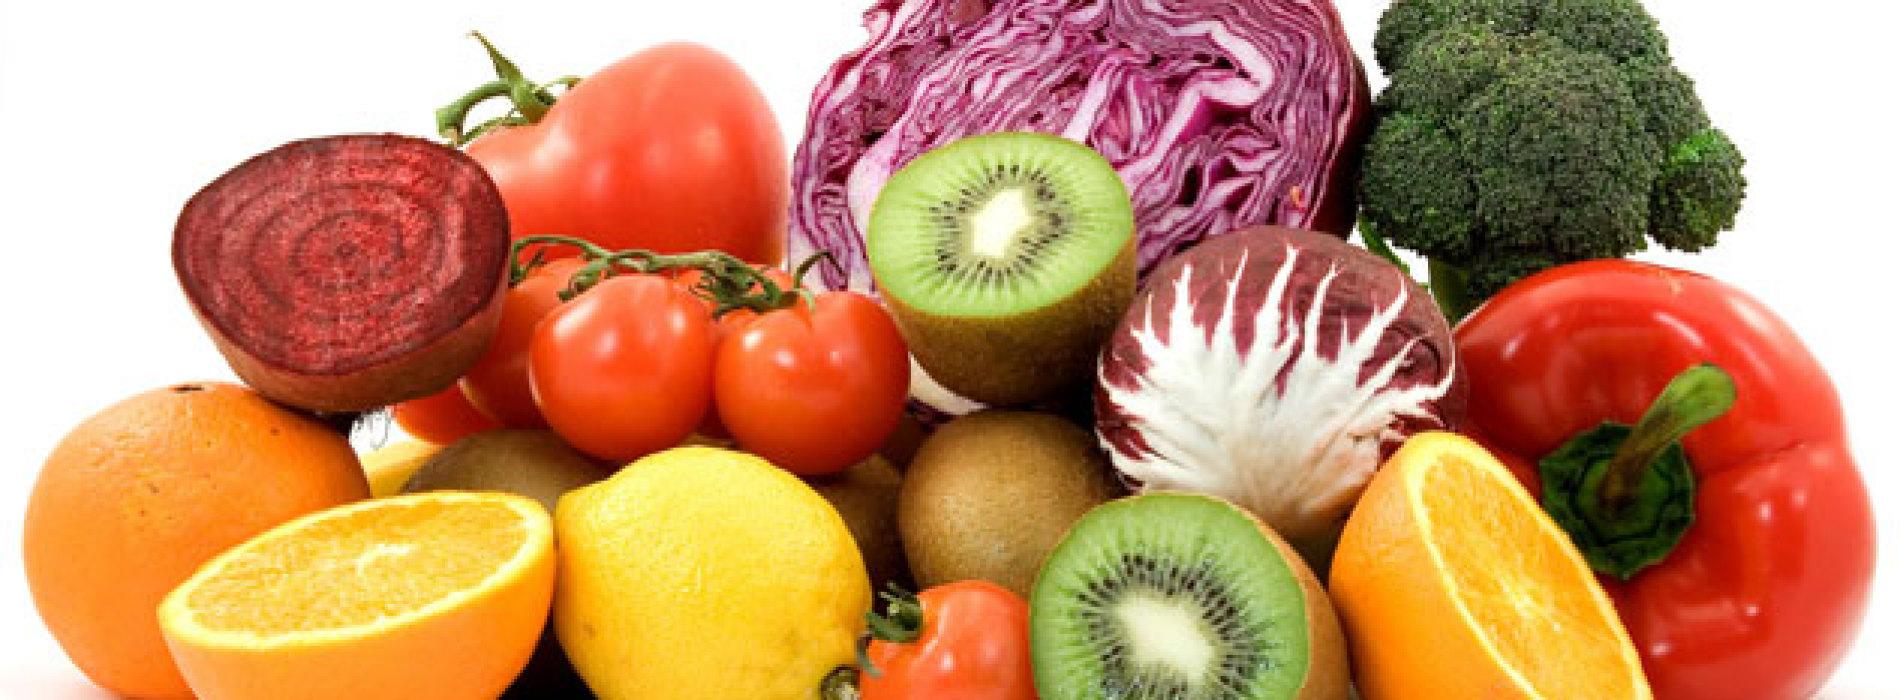 Verdura e frutta, aspettando Natale, lo dice Marcellino Monda